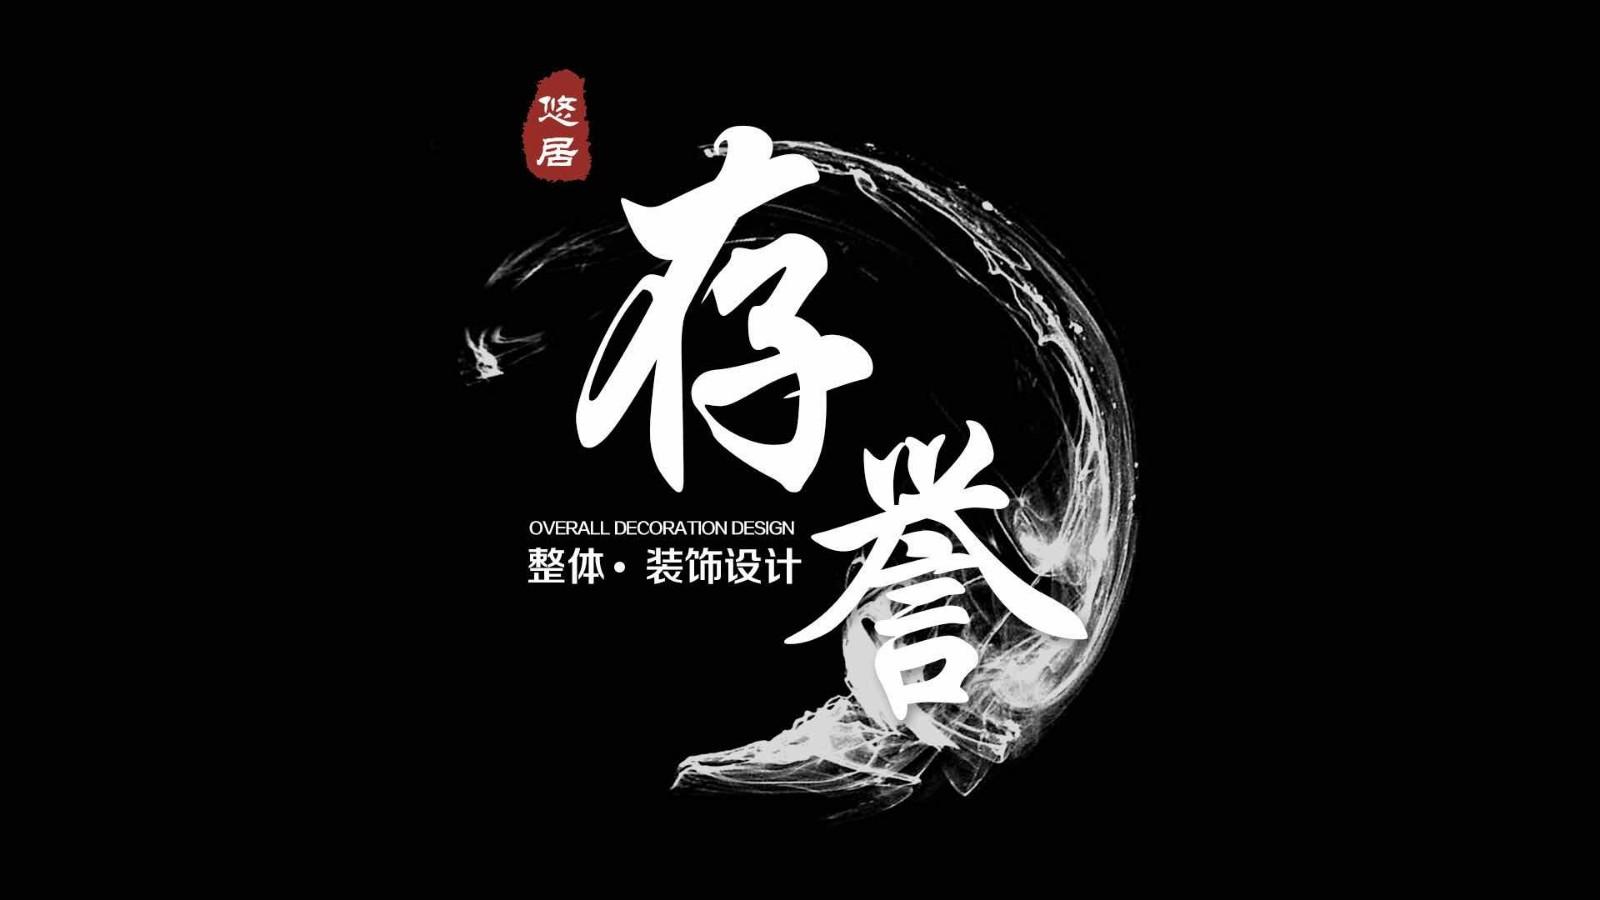 江苏存誉悠居装饰设计有限公司